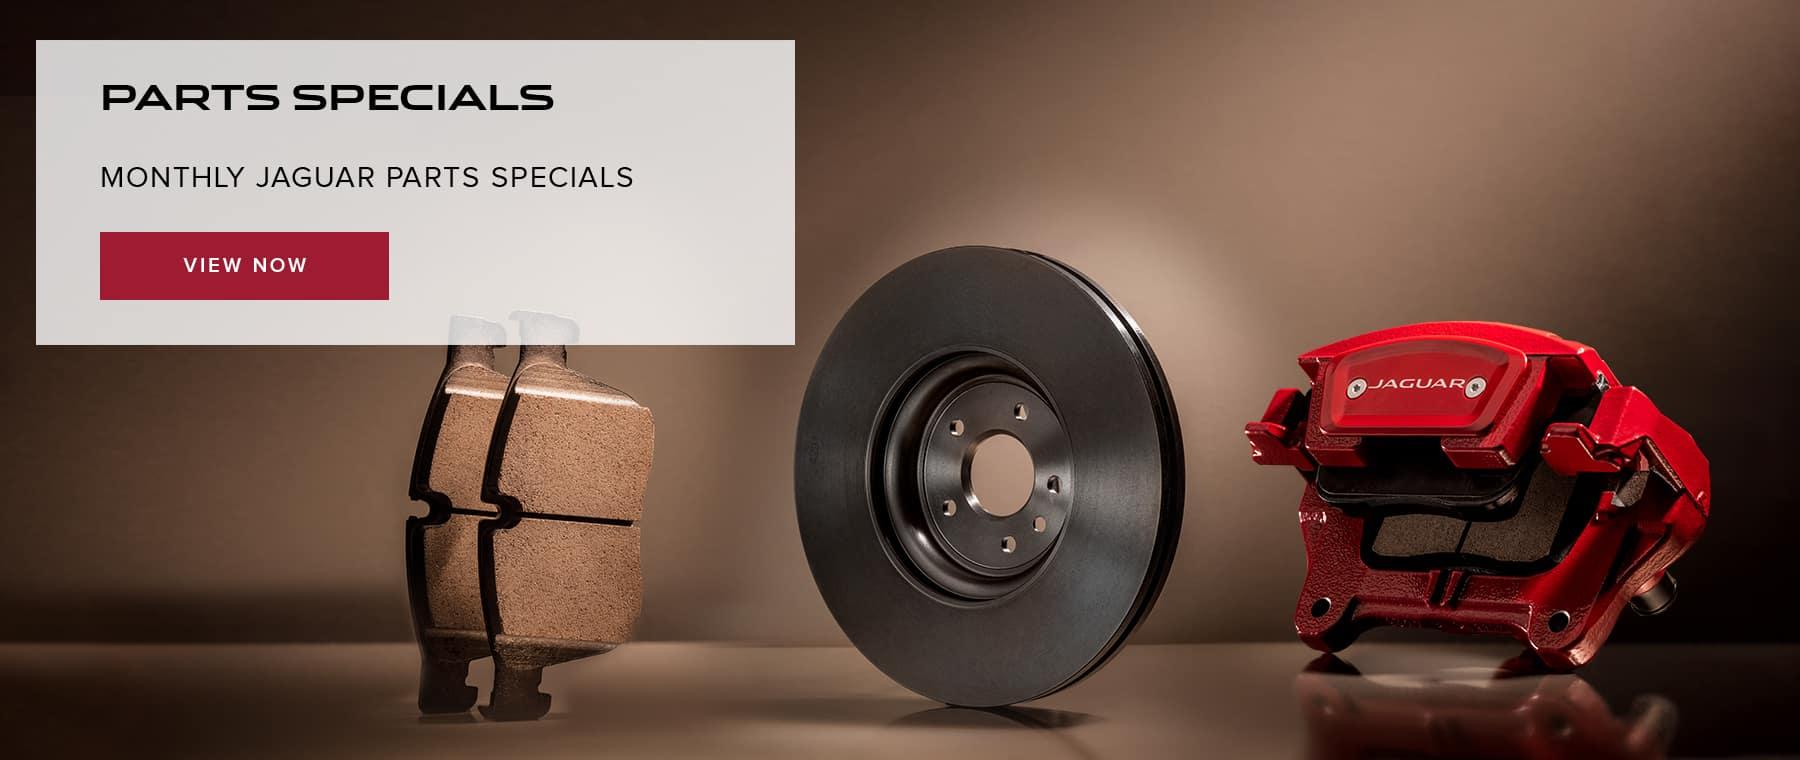 PartsSpecials-1800×760